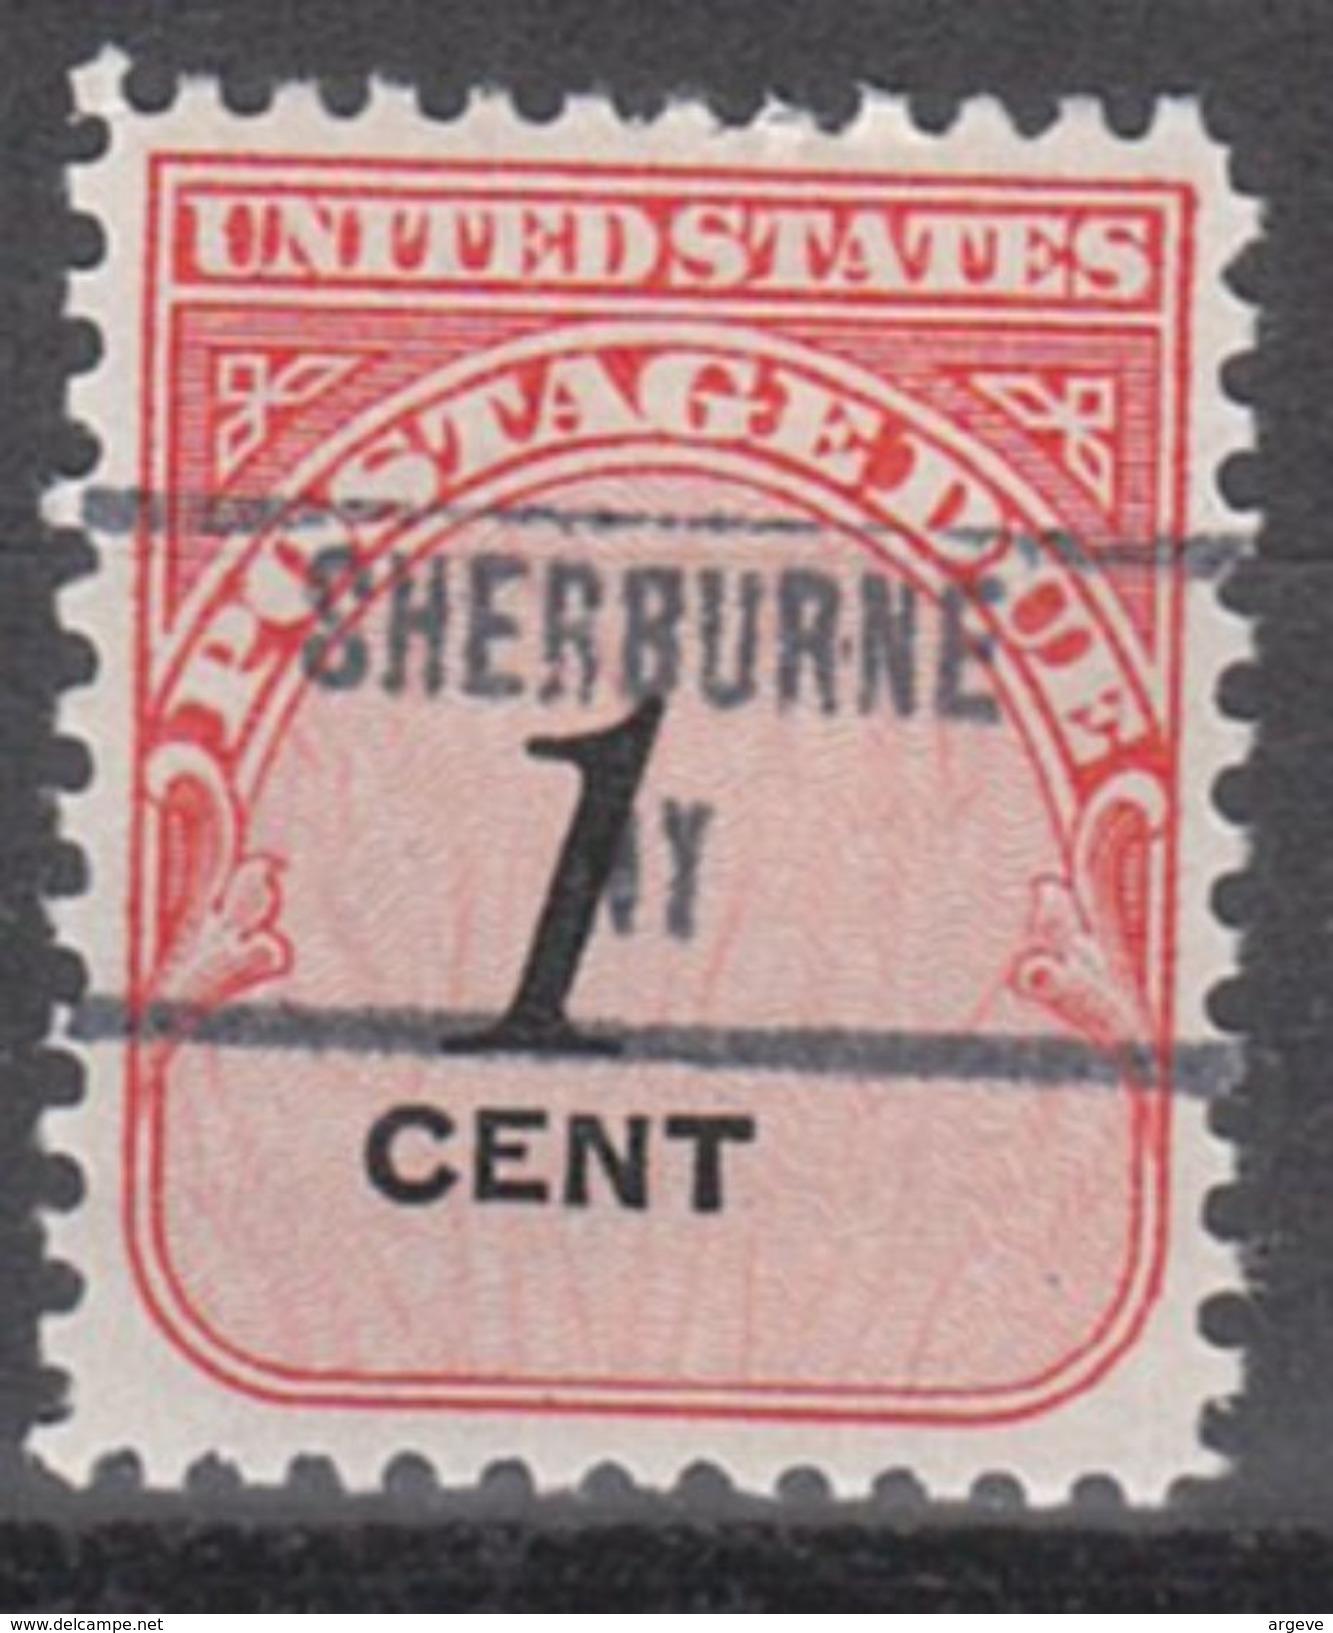 USA Precancel Vorausentwertung Preo, Locals New York, Sherburne 853 - Vorausentwertungen